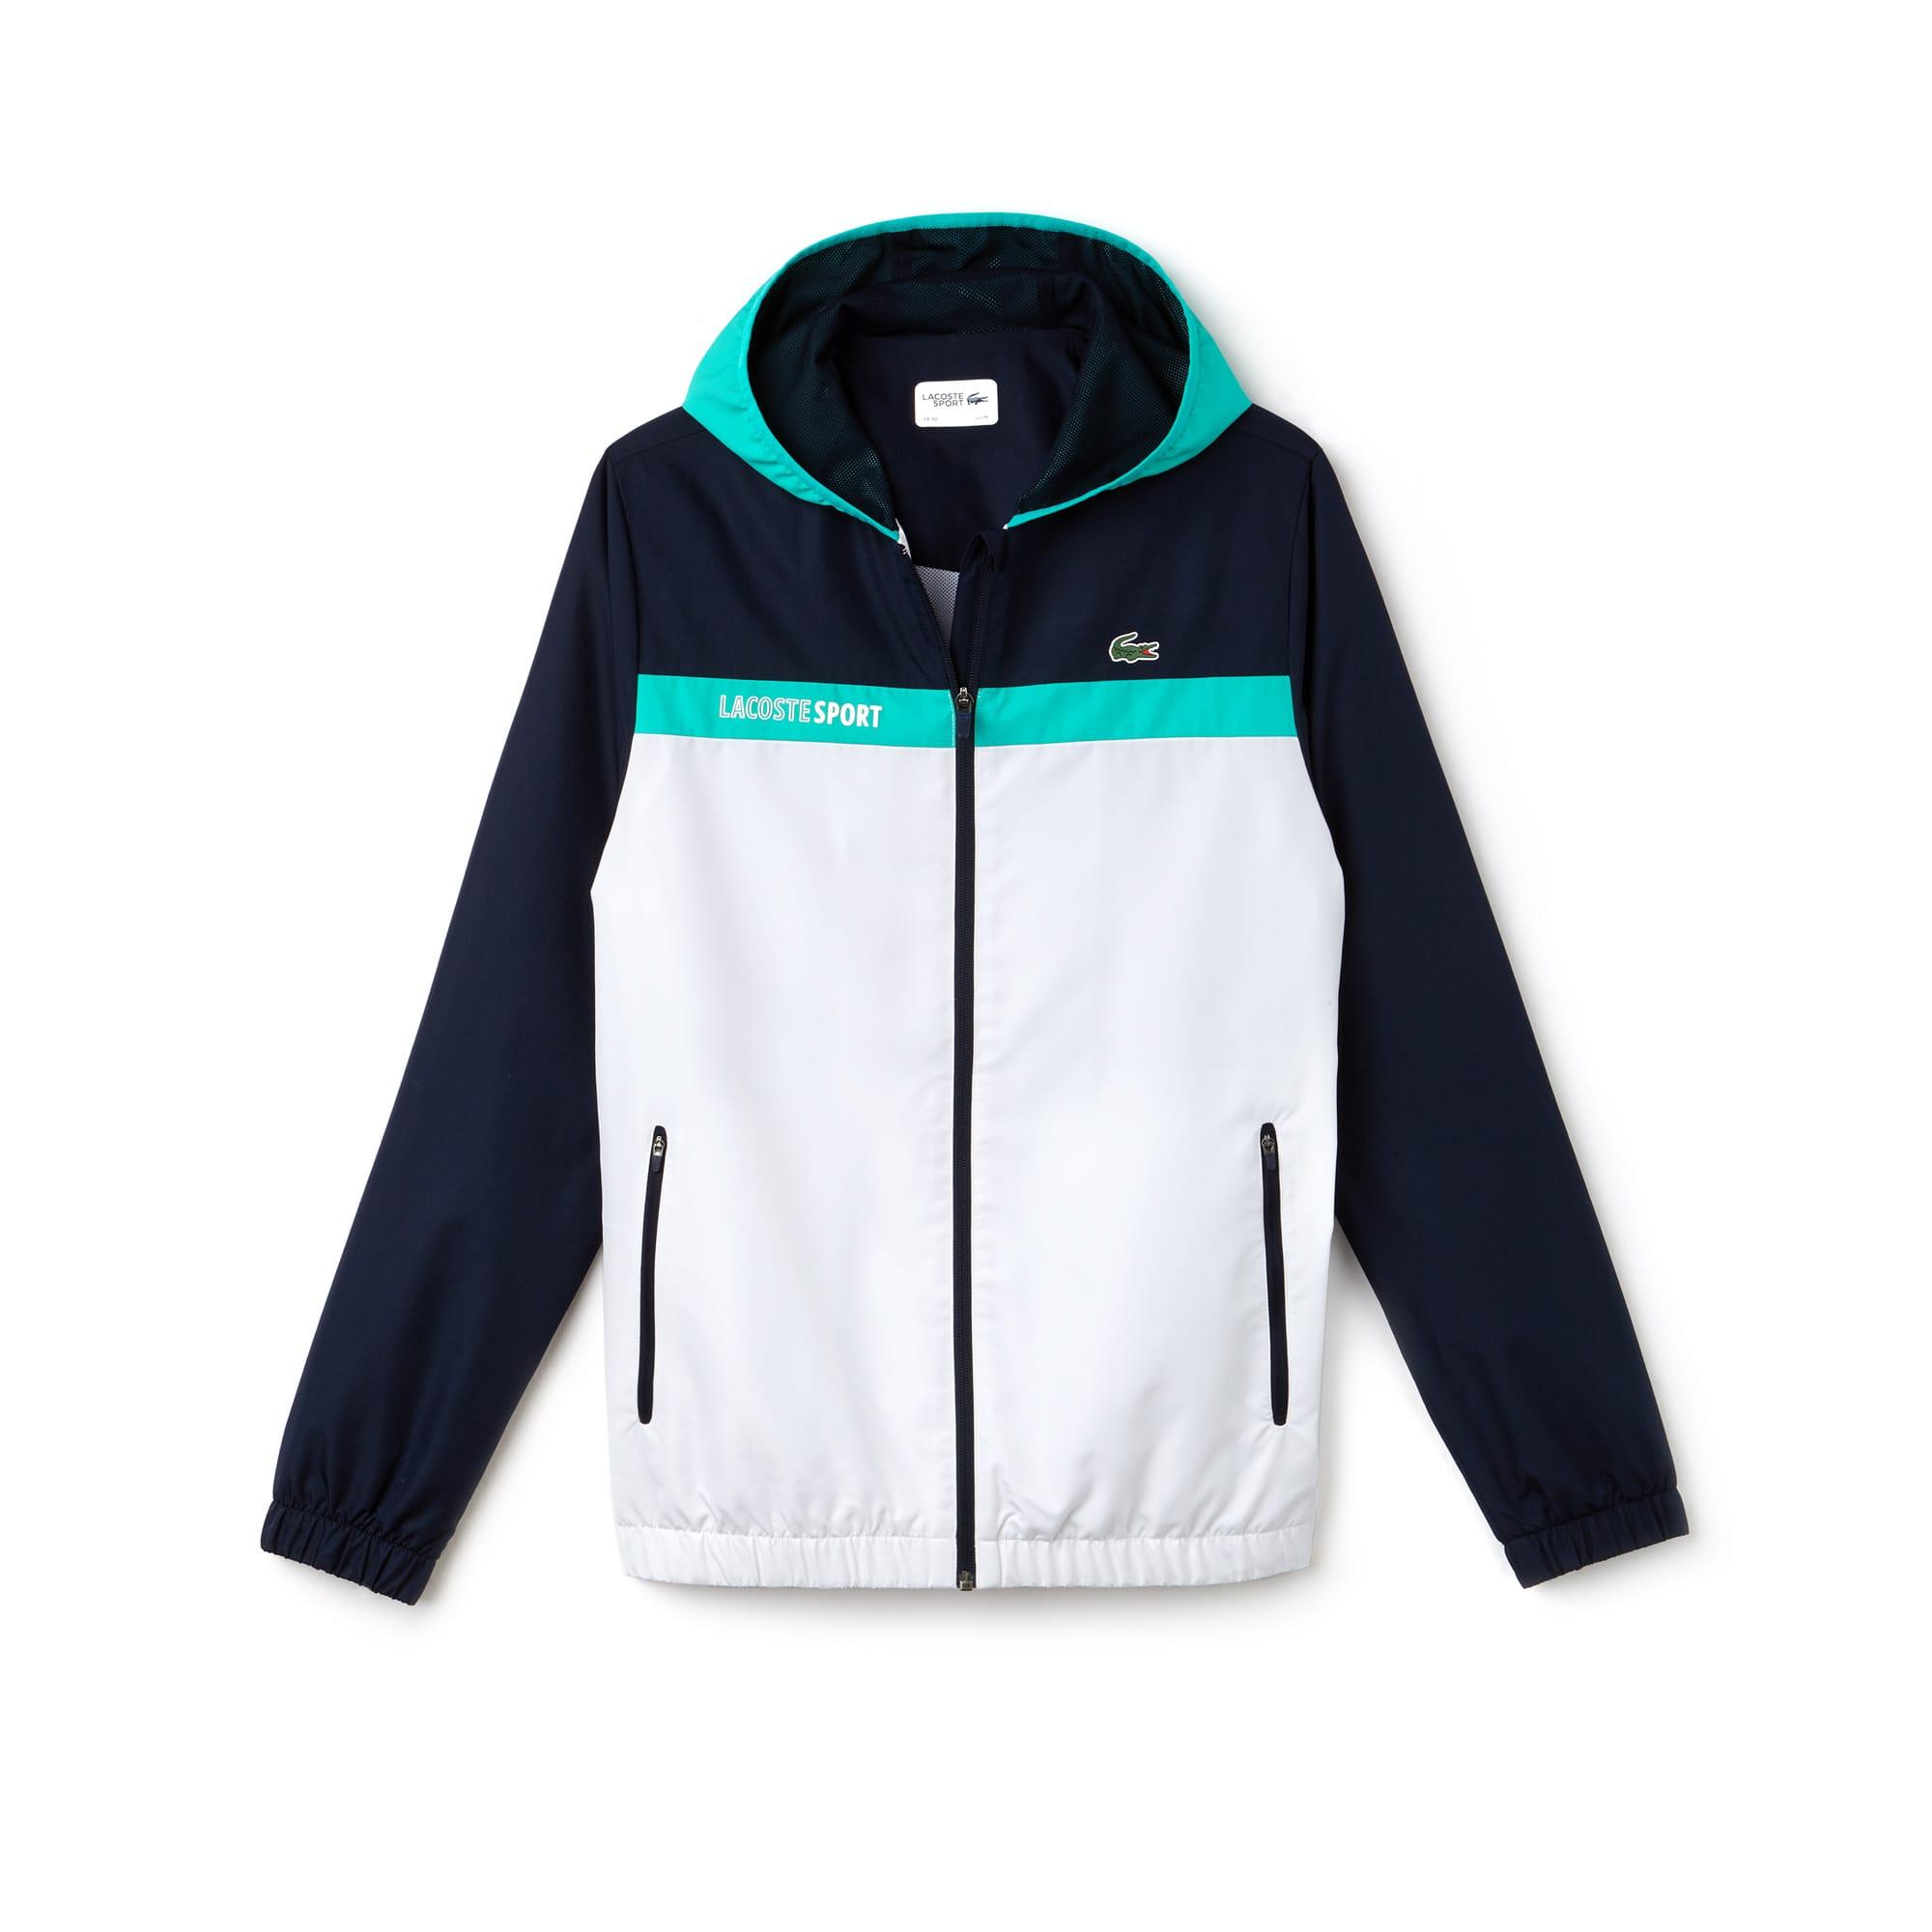 Men's Lacoste SPORT Hooded Colorblock Taffeta Tennis Jacket